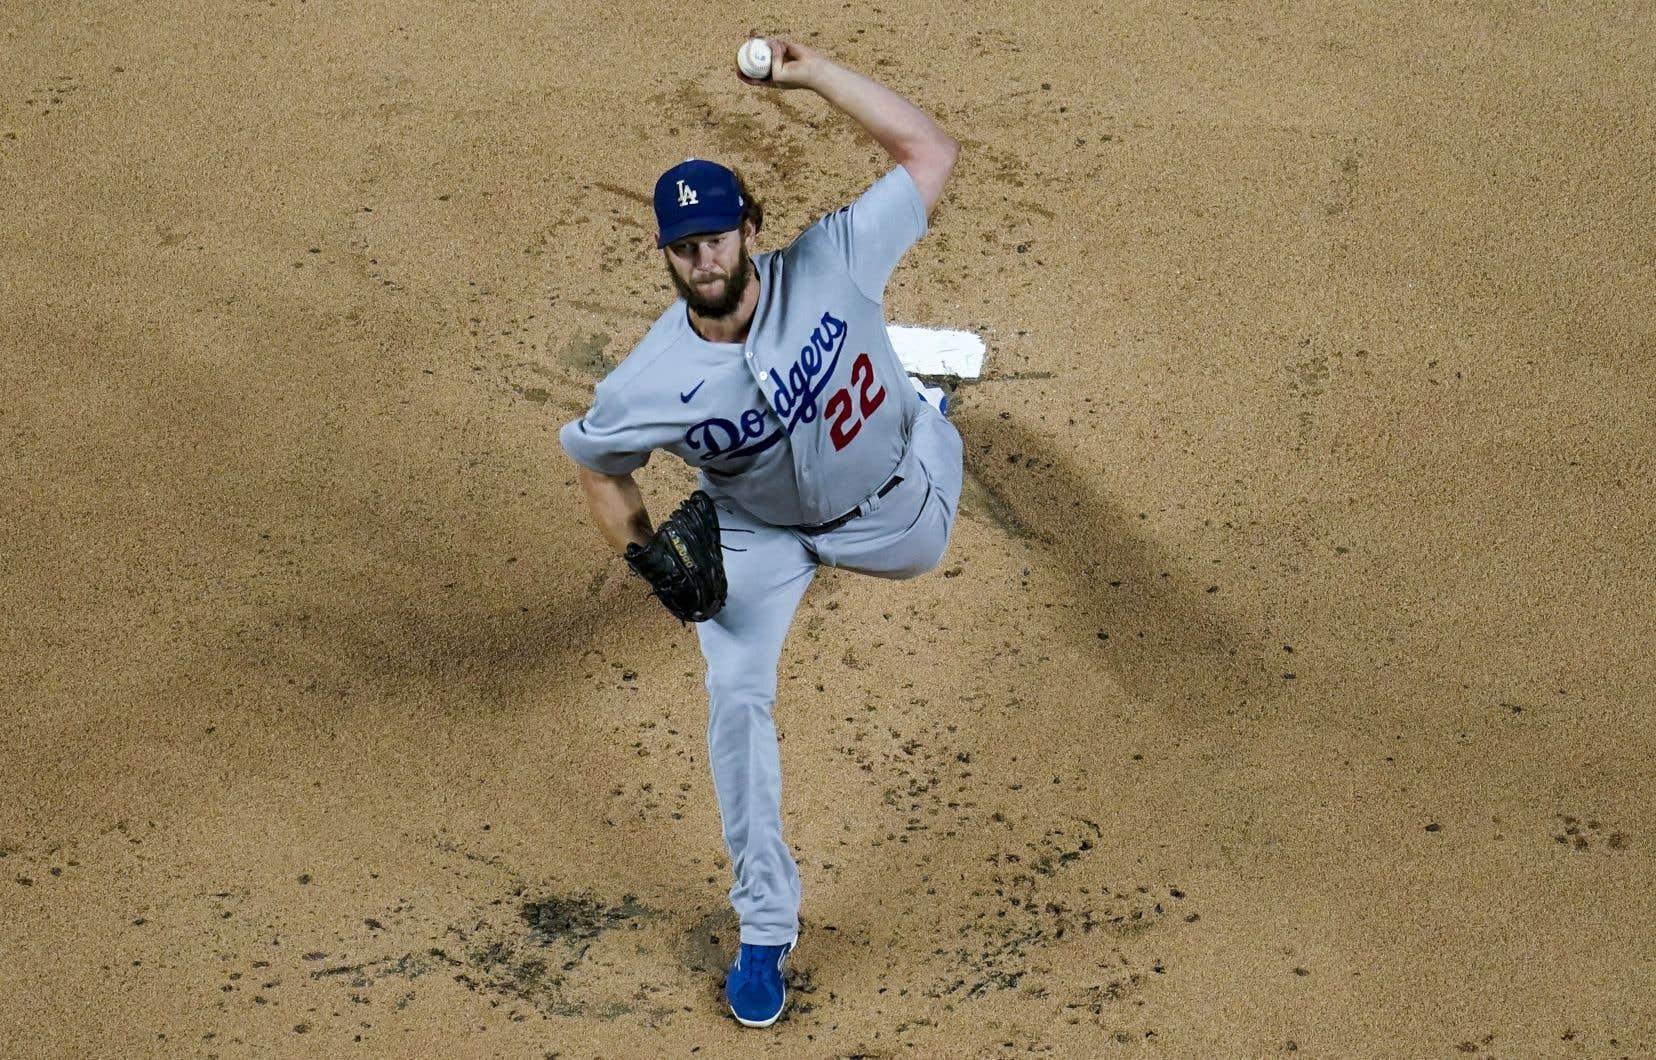 Lundi, les Dodgers n'avaient confirmé que le partant du match numéro 1: Clayton Kershaw. L'excellent gaucher des Dodgers est incapable de répéter dans les séries les succès qu'il connaît en saison.